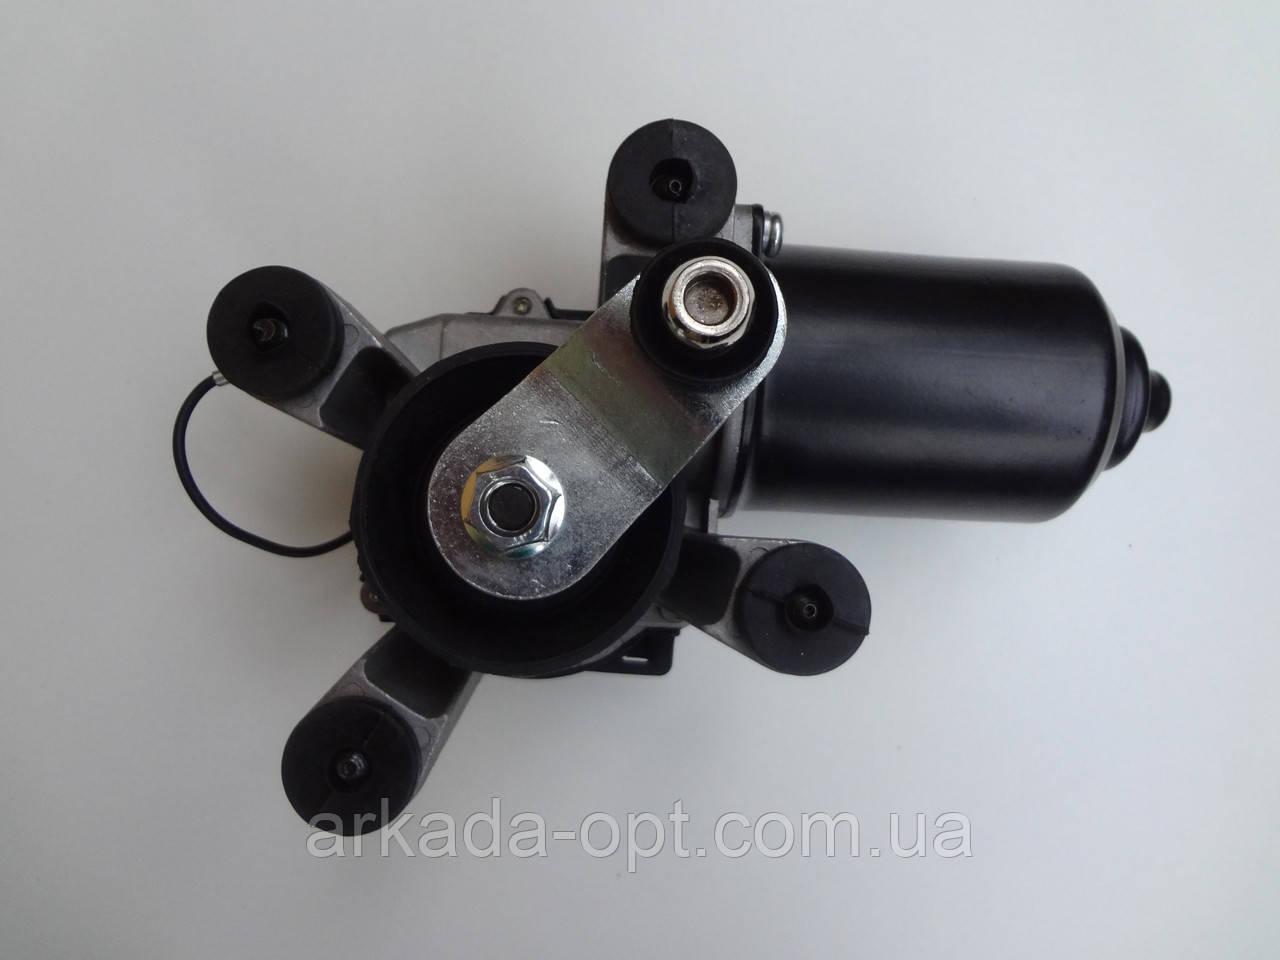 Мотор стеклоочистителя Ланос Lanos Sens Aurora